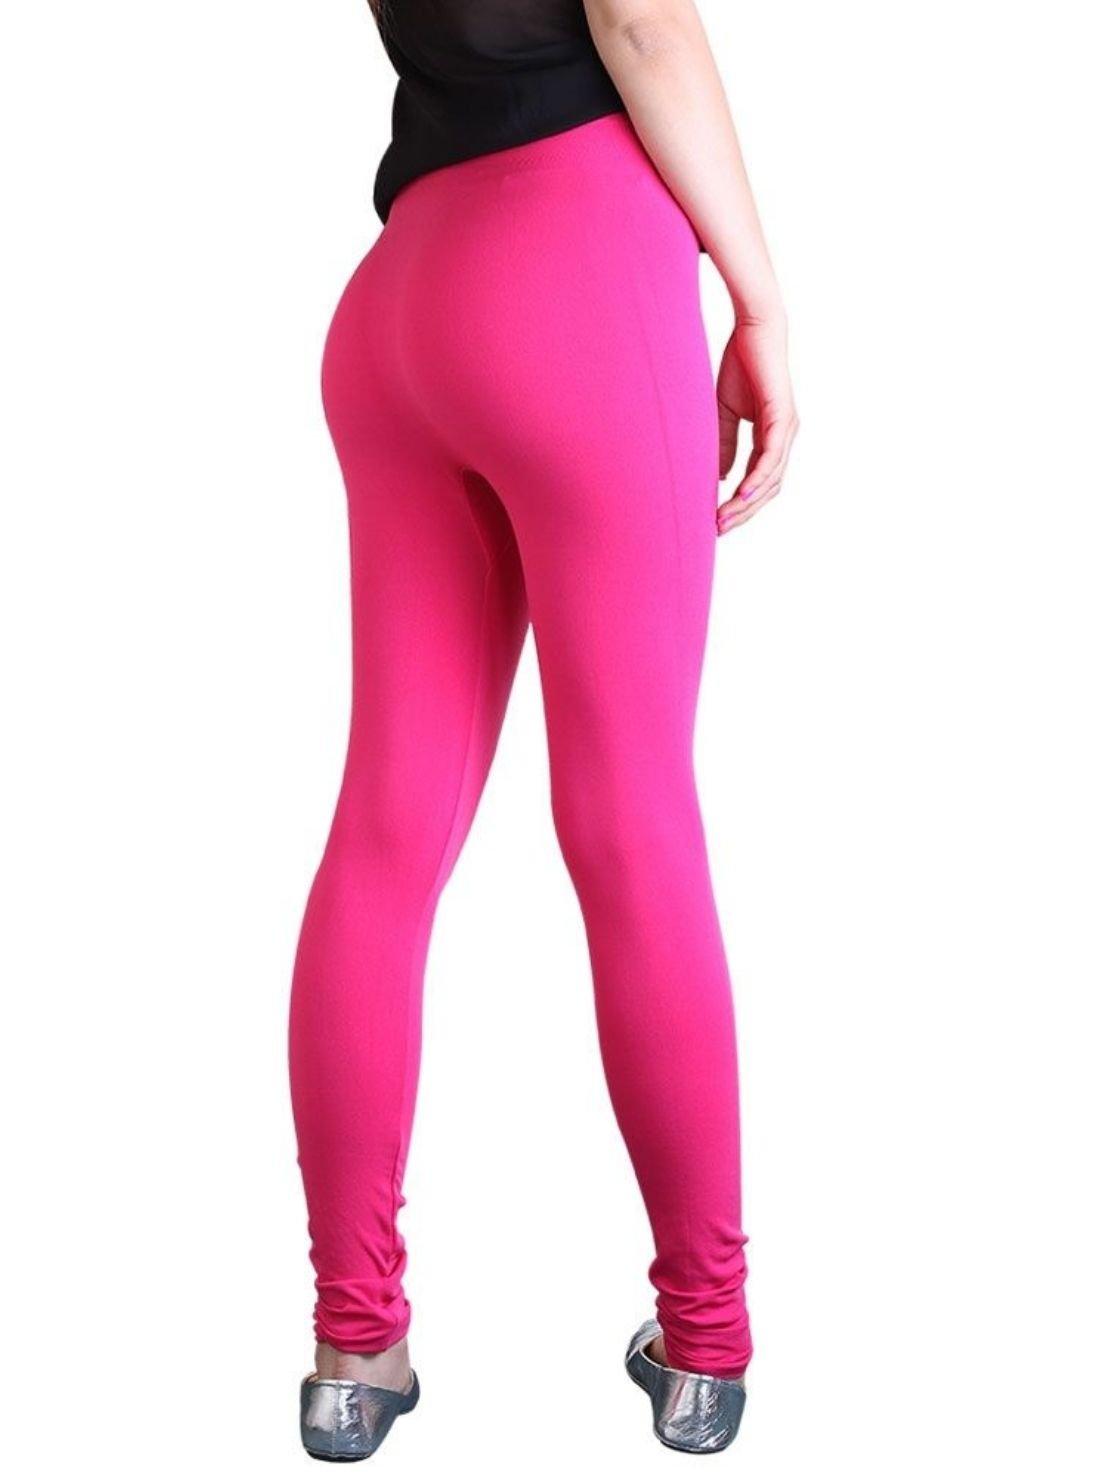 Plain Color Lady Touch Leggings